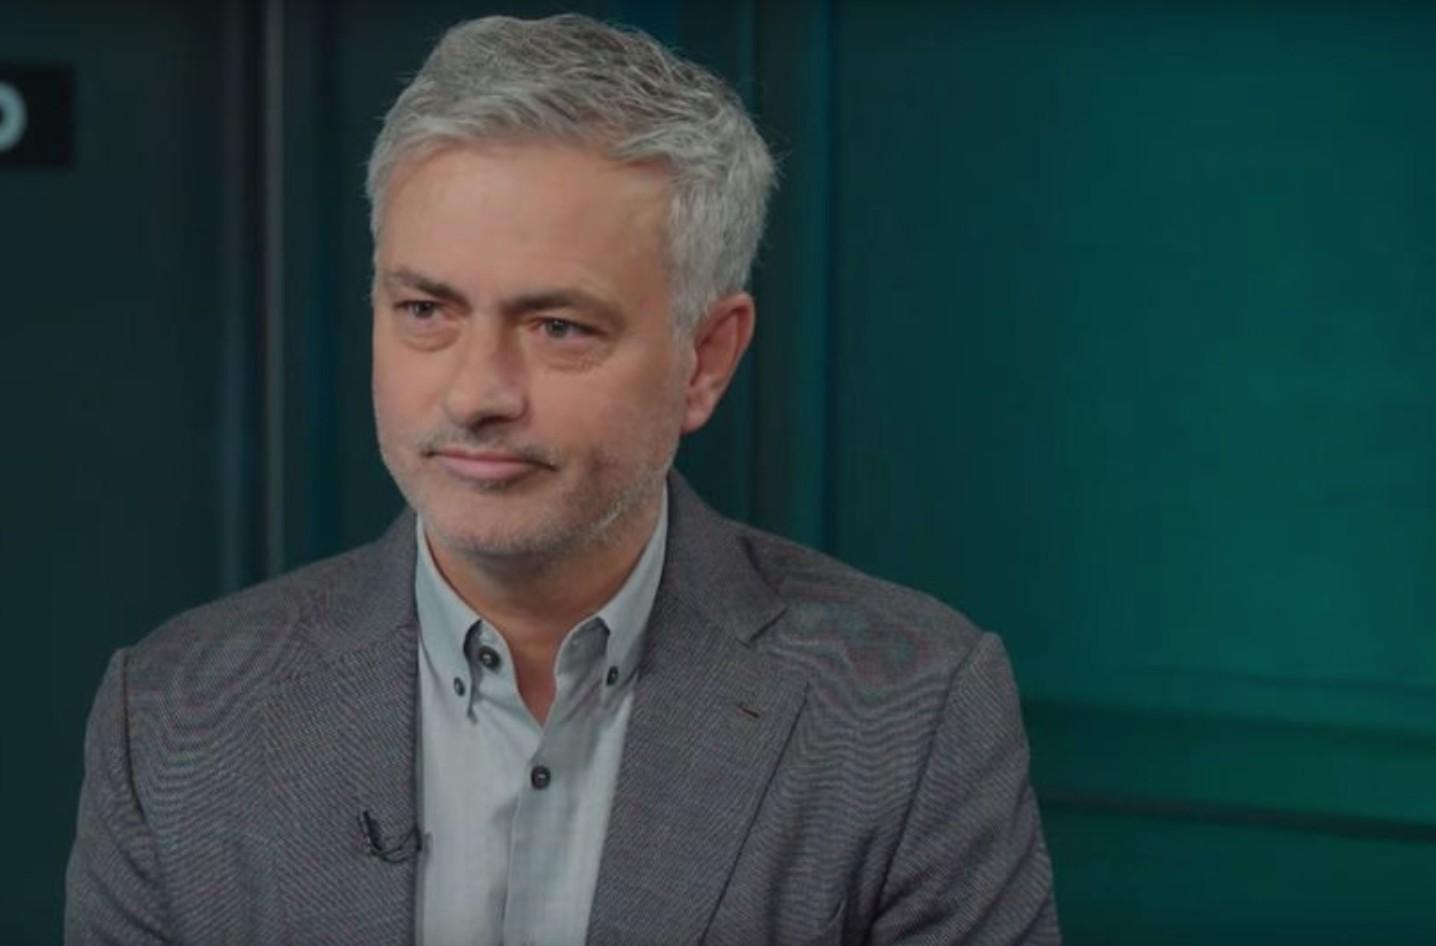 穆里尼奥赛后颂扬梅西:足球之神;弗成想议的球员